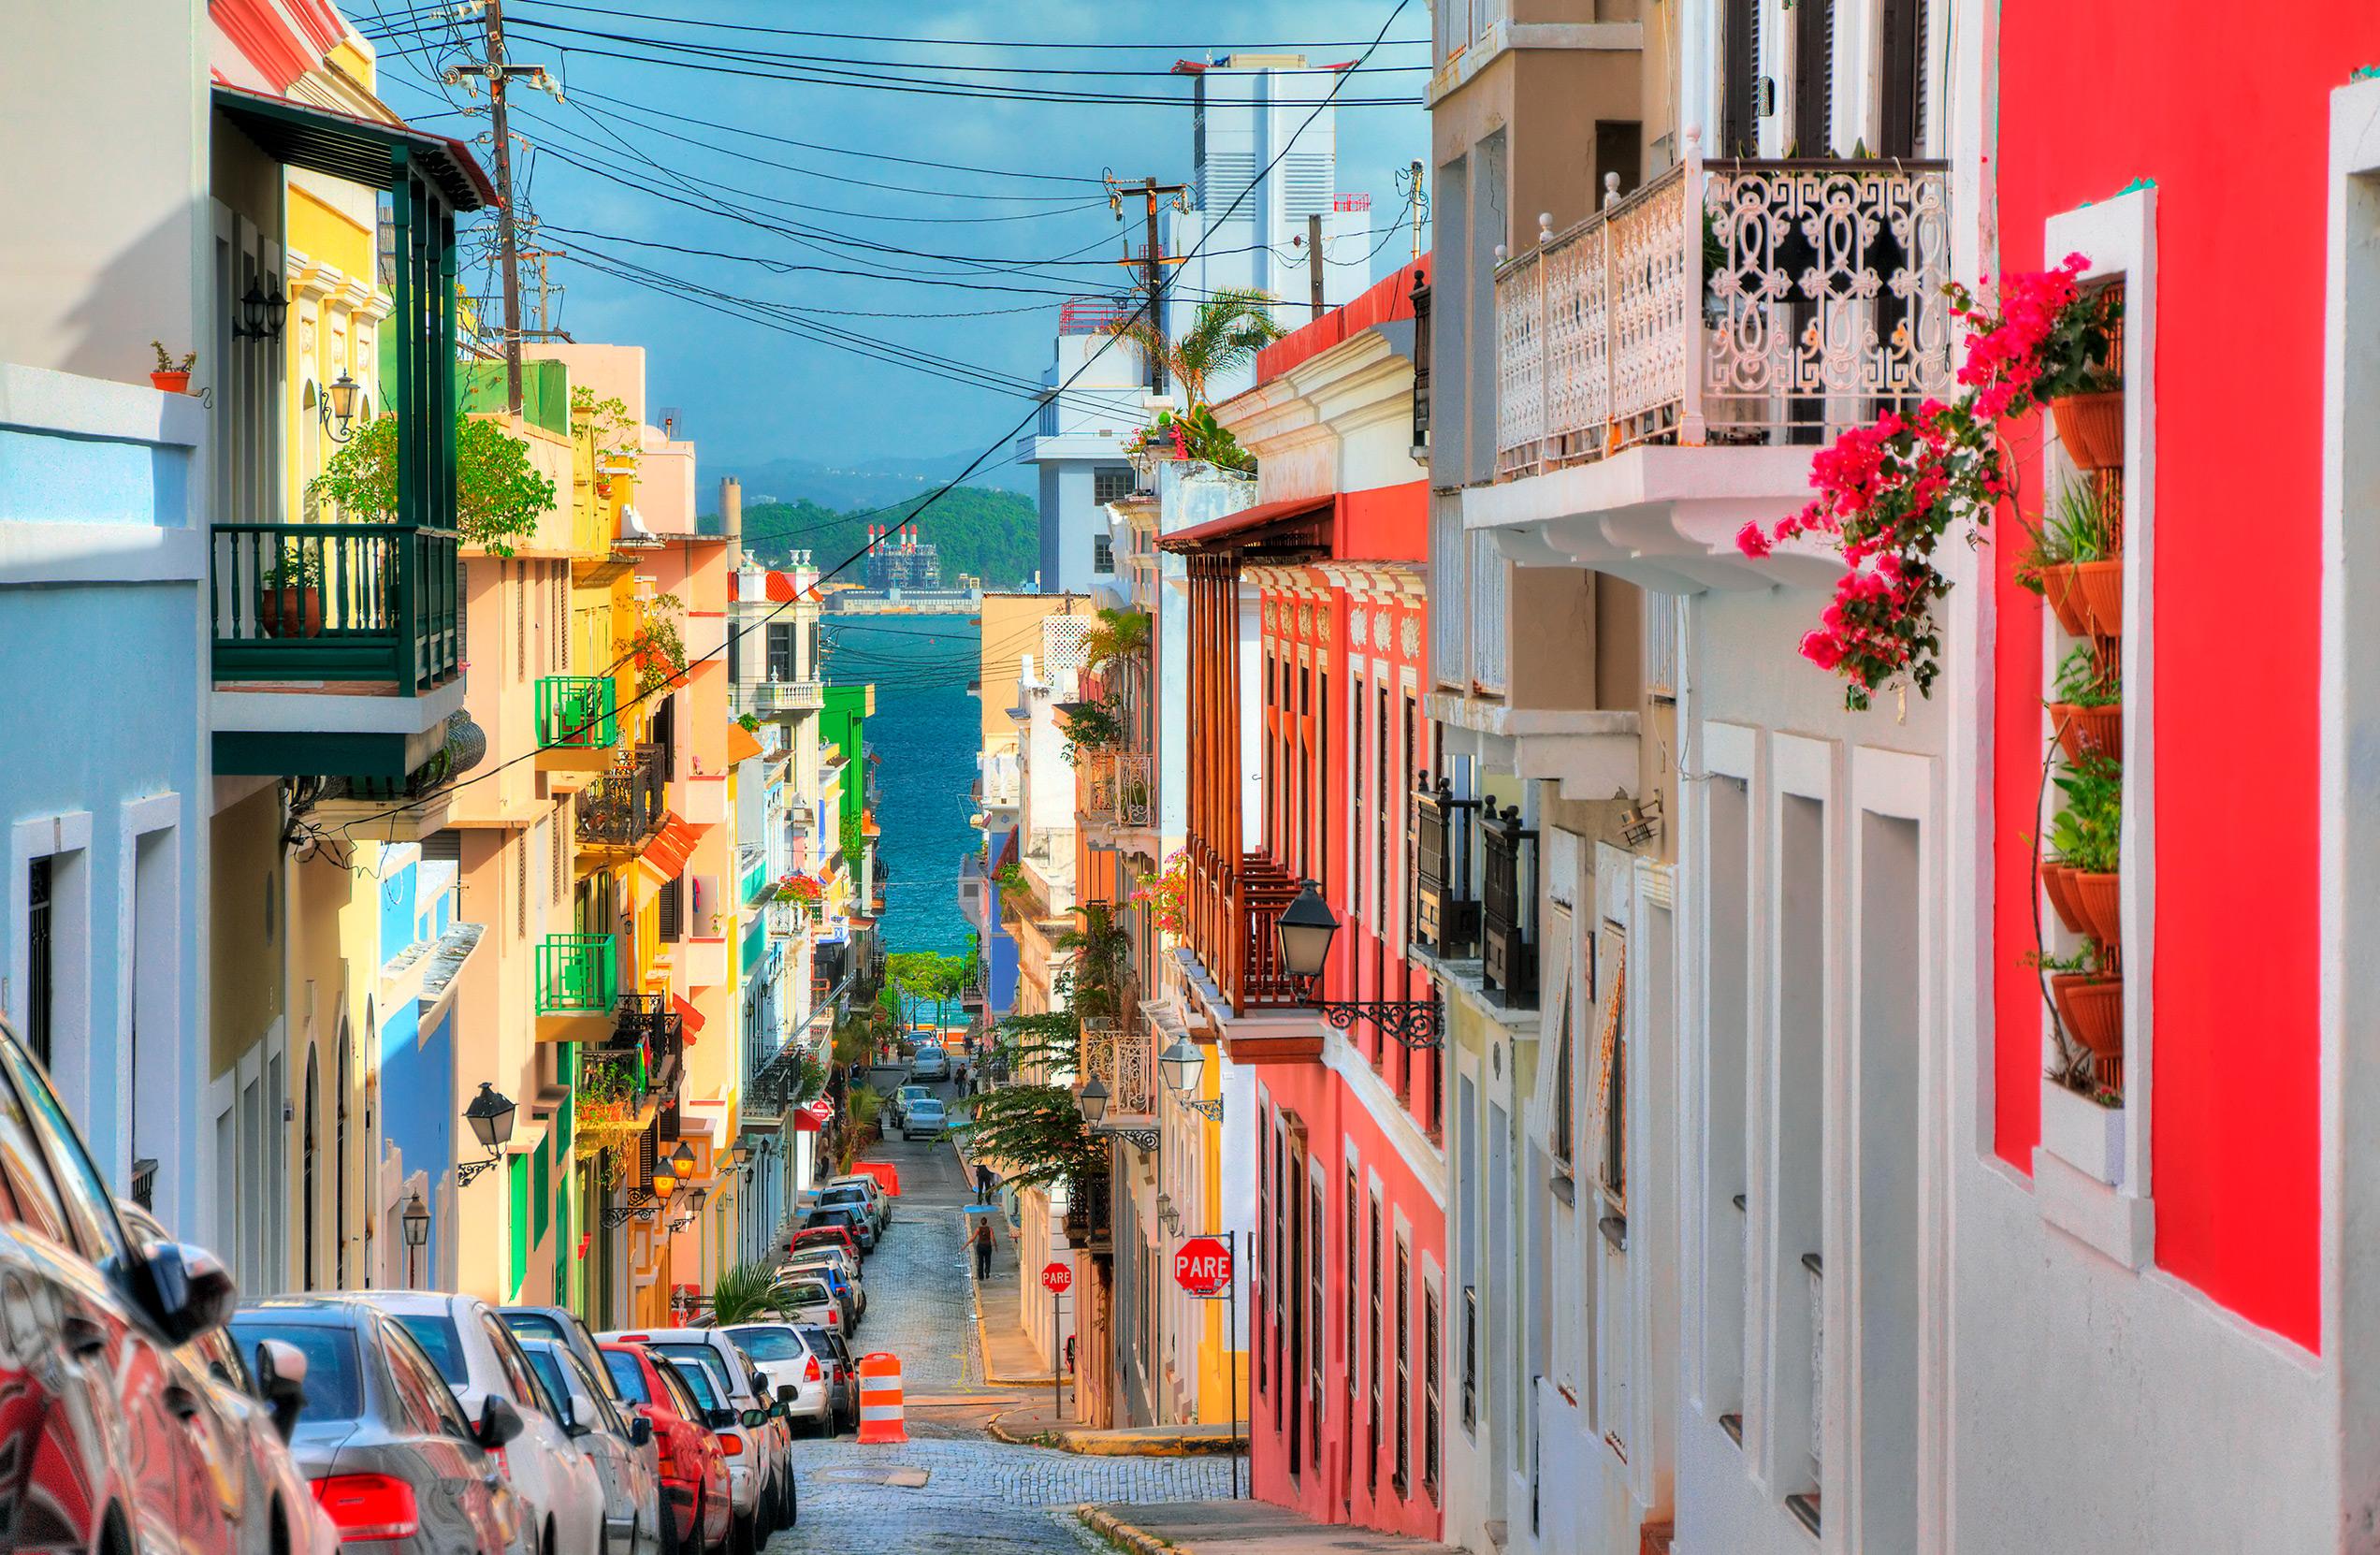 Bayshore Villas-Apartments-Viejo San Juan, PR